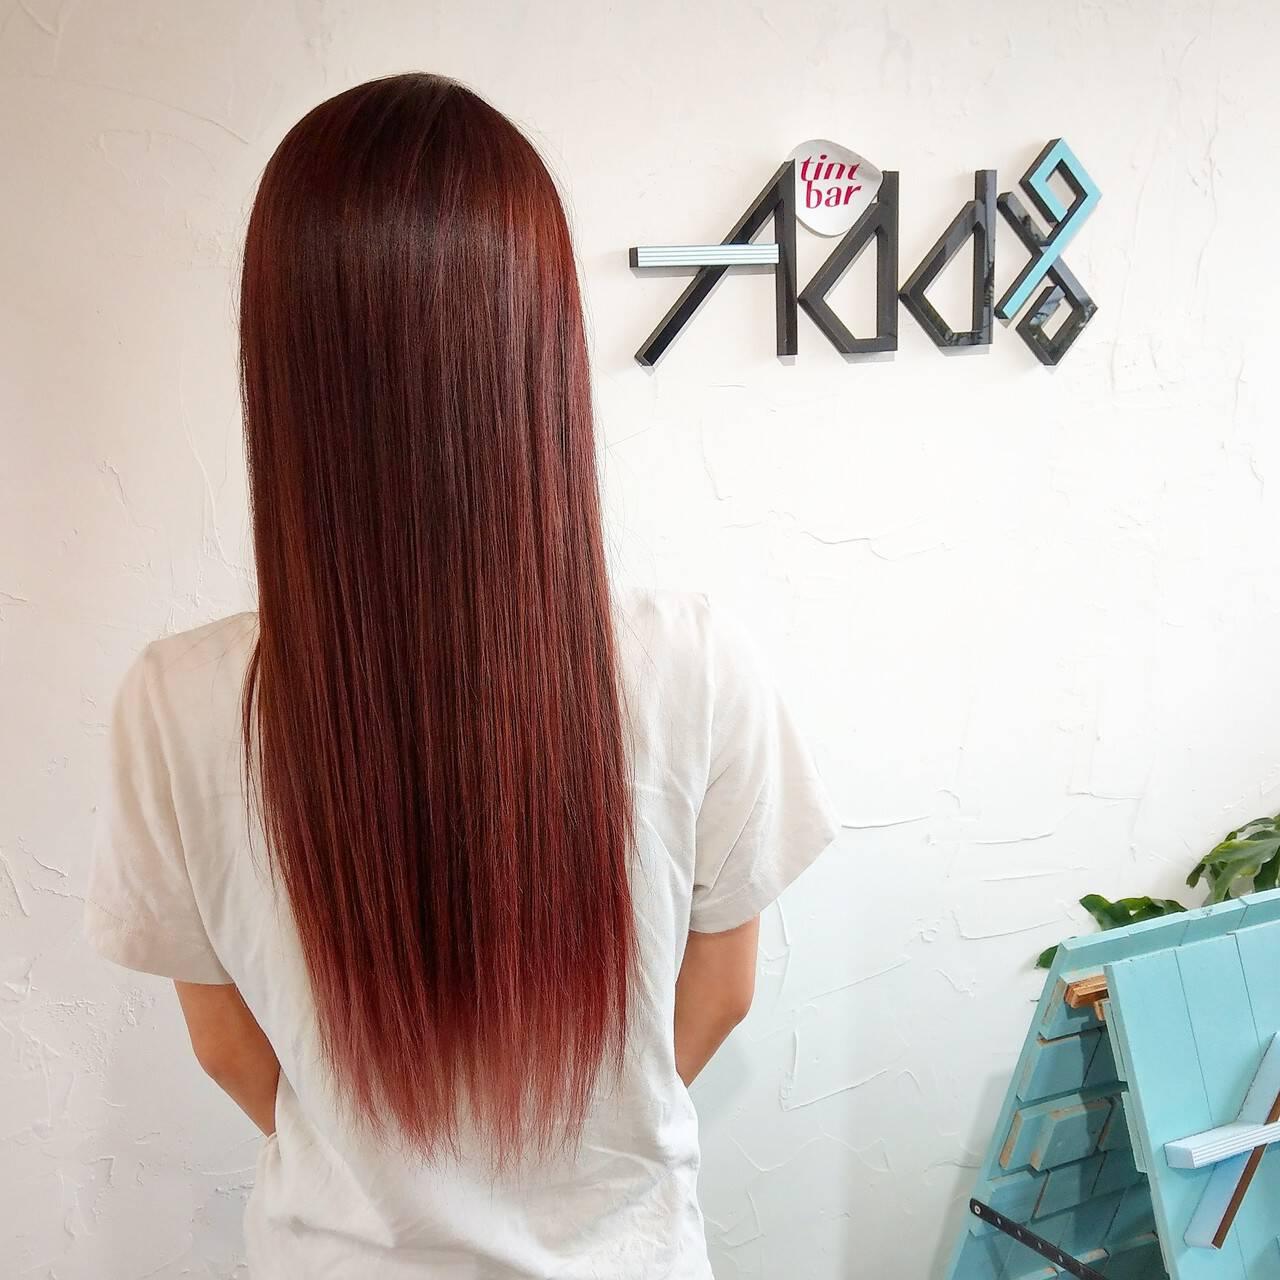 韓国風ヘアー ロング 裾カラーオレンジ ブリーチオンカラーヘアスタイルや髪型の写真・画像